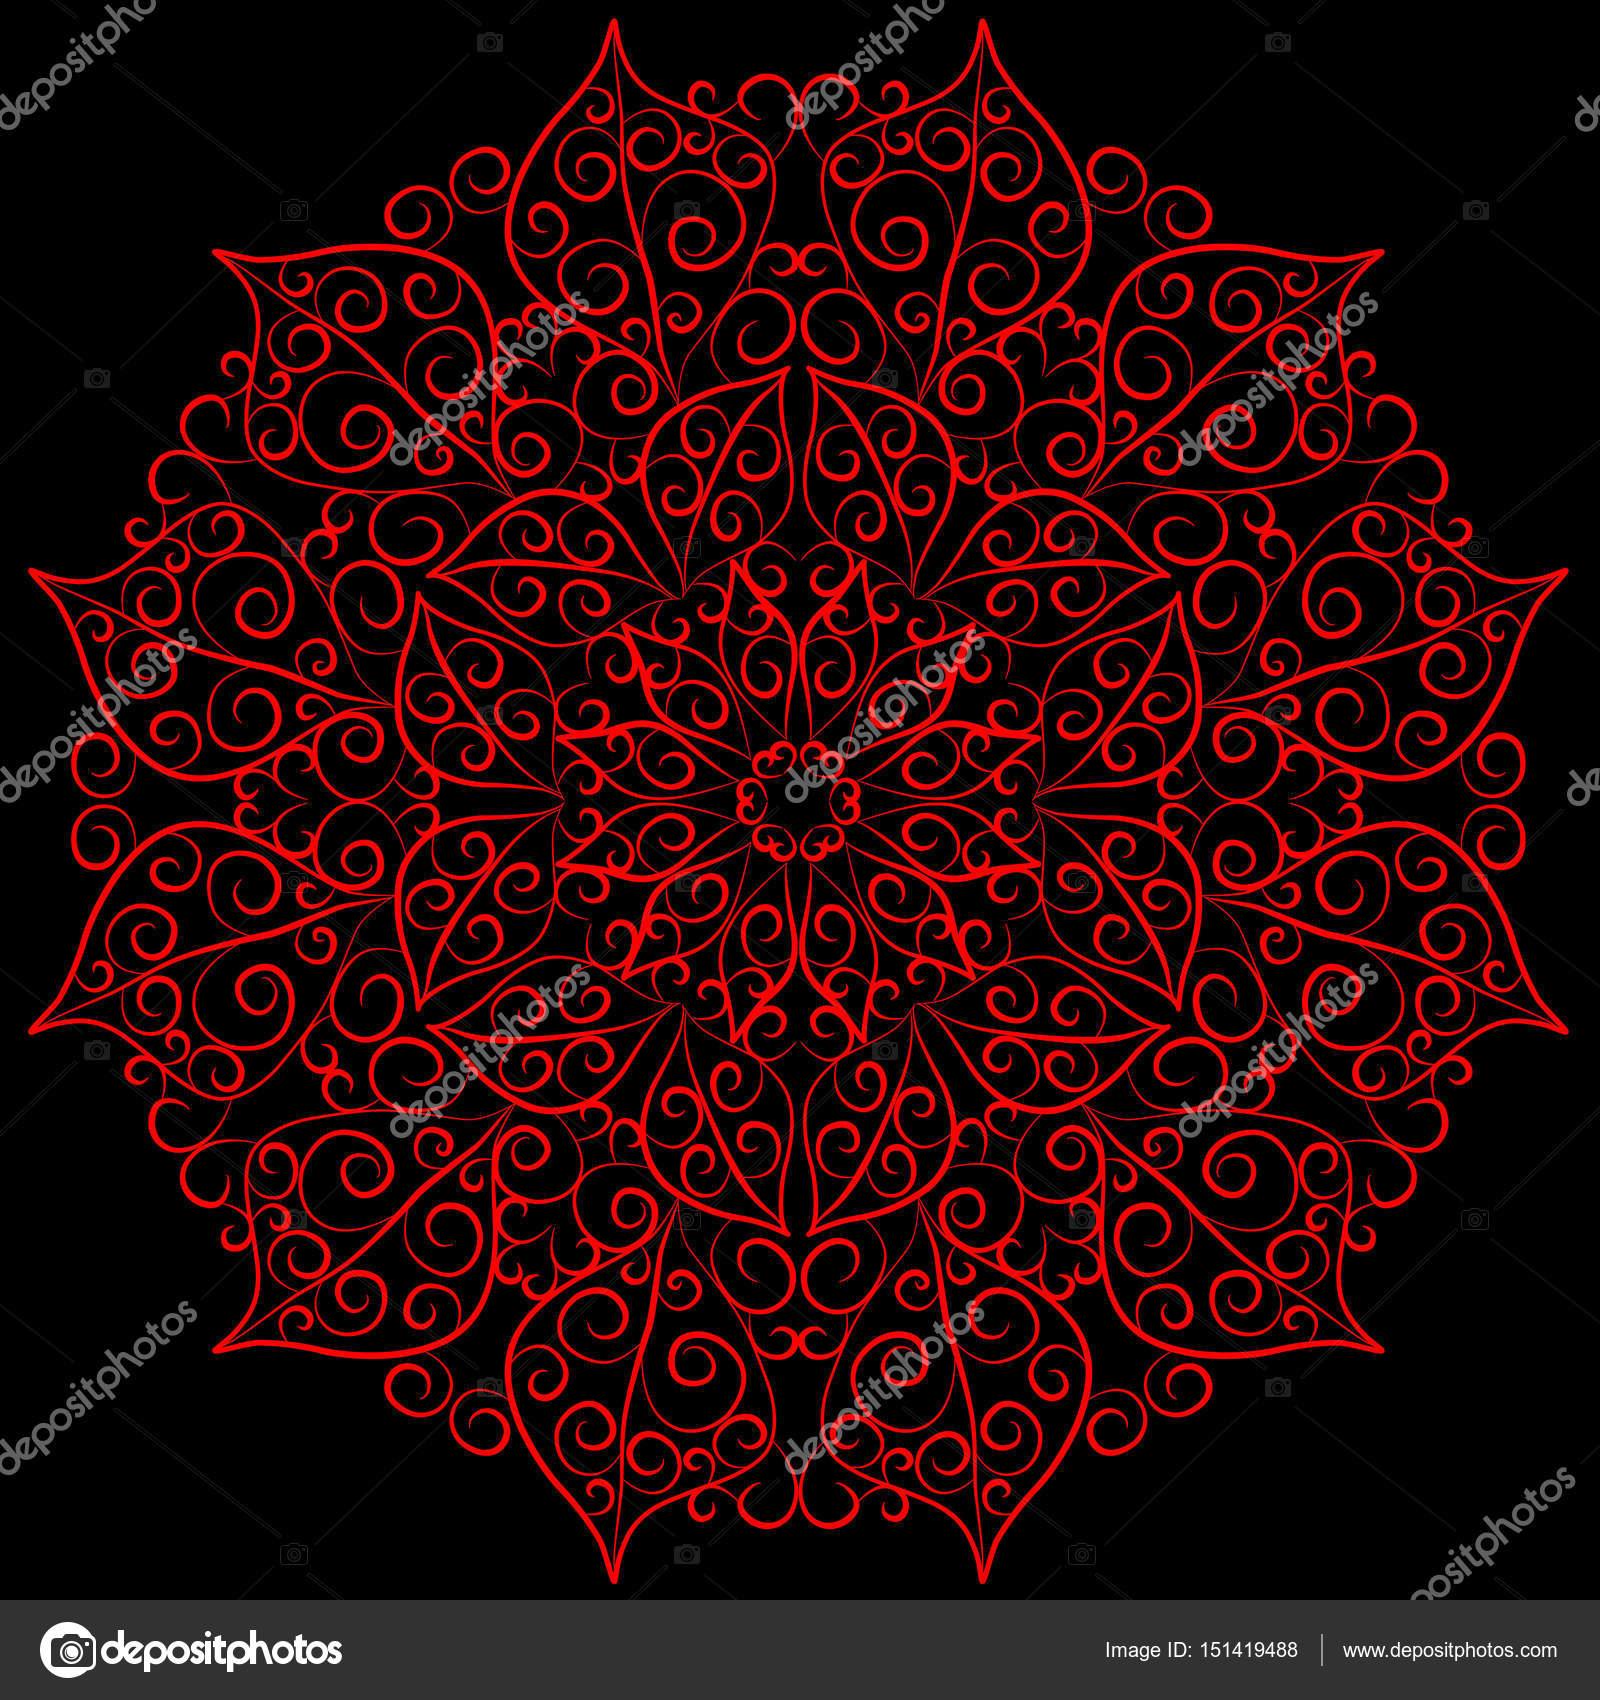 Mandala-Karte in roten Farben für Hintergründe, Einladungen ...